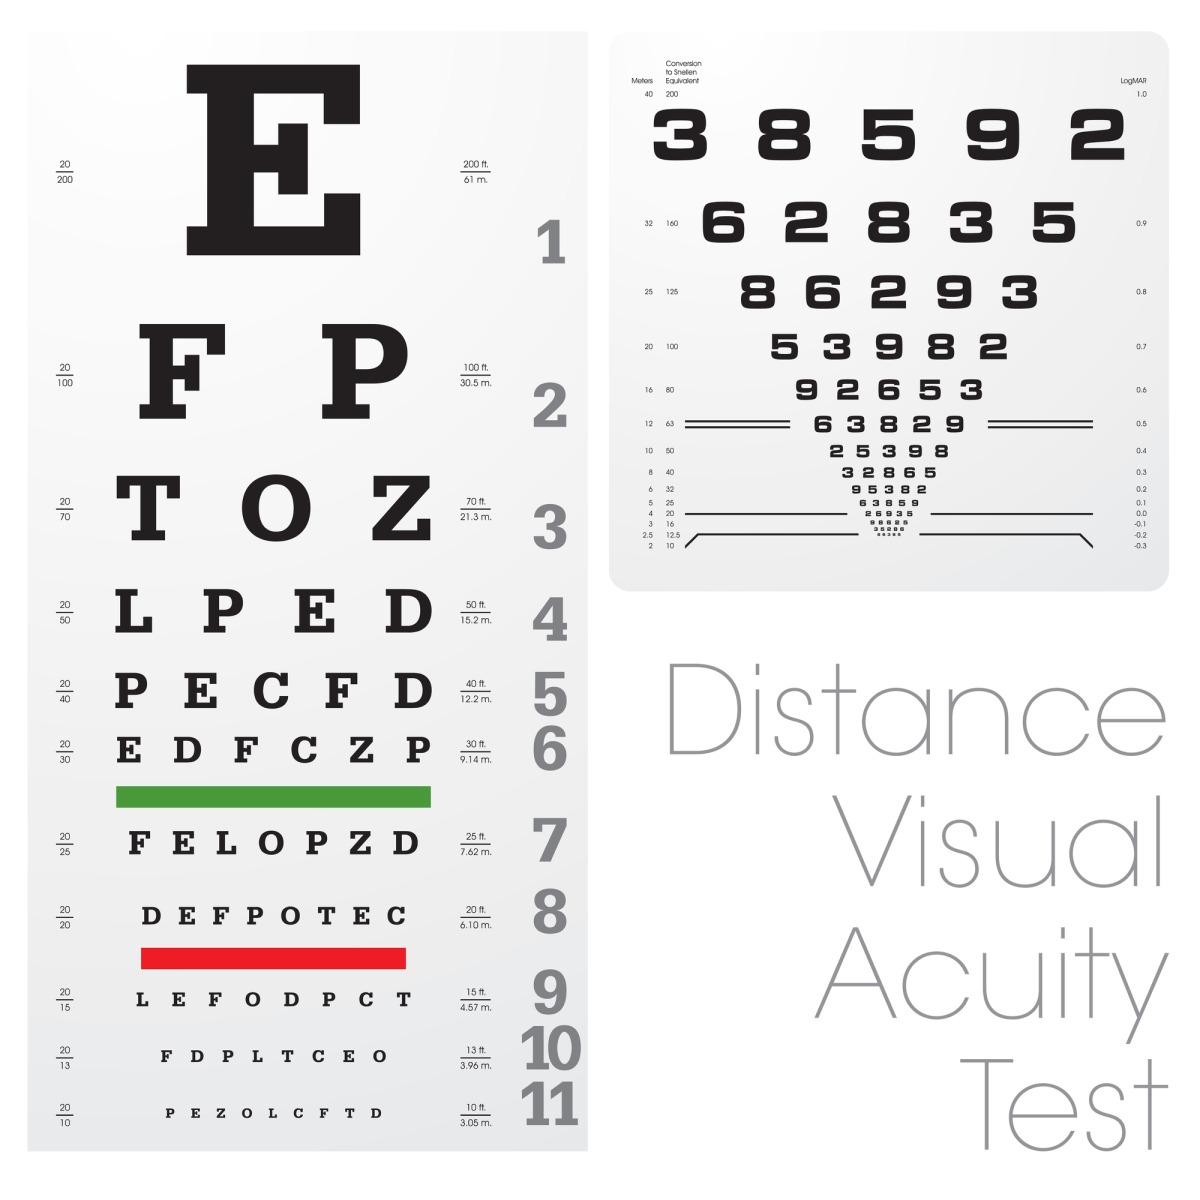 בדיקת חדות ראיה